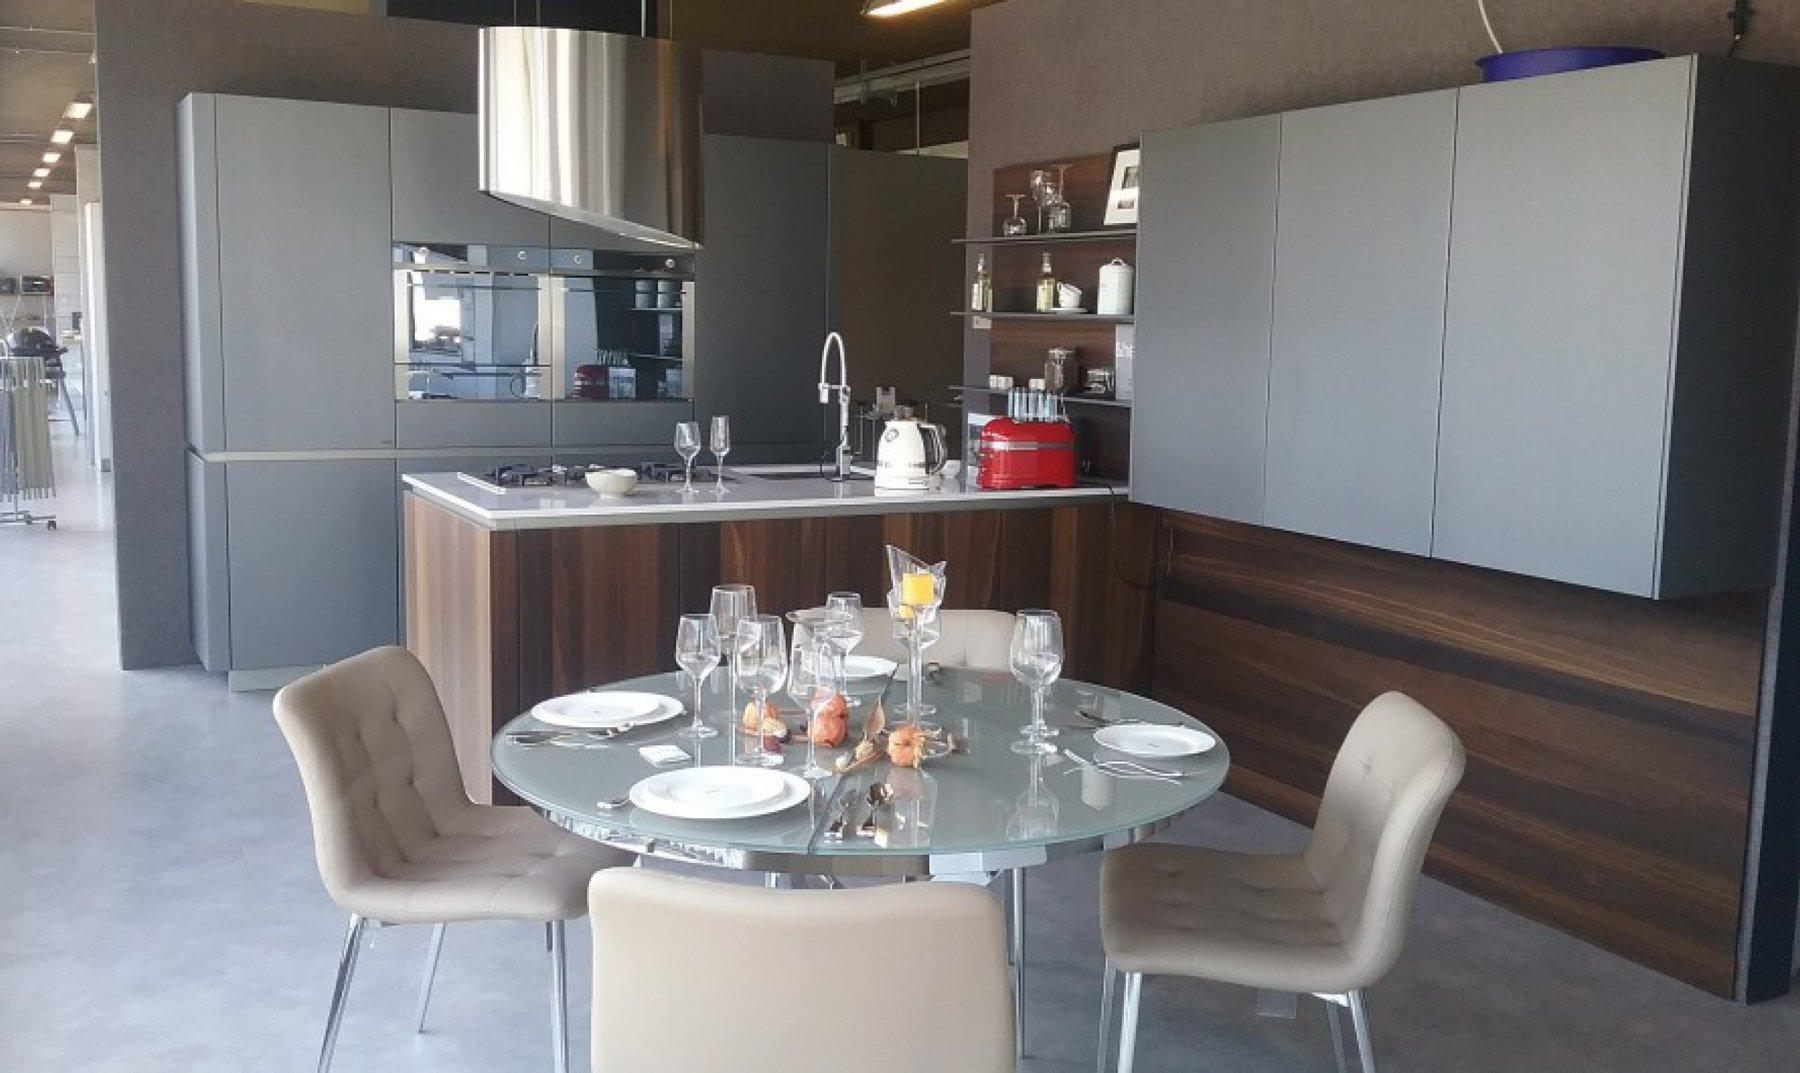 way-snaidero-casa-cucina | Arredamento Casa e Cucina a Firenze